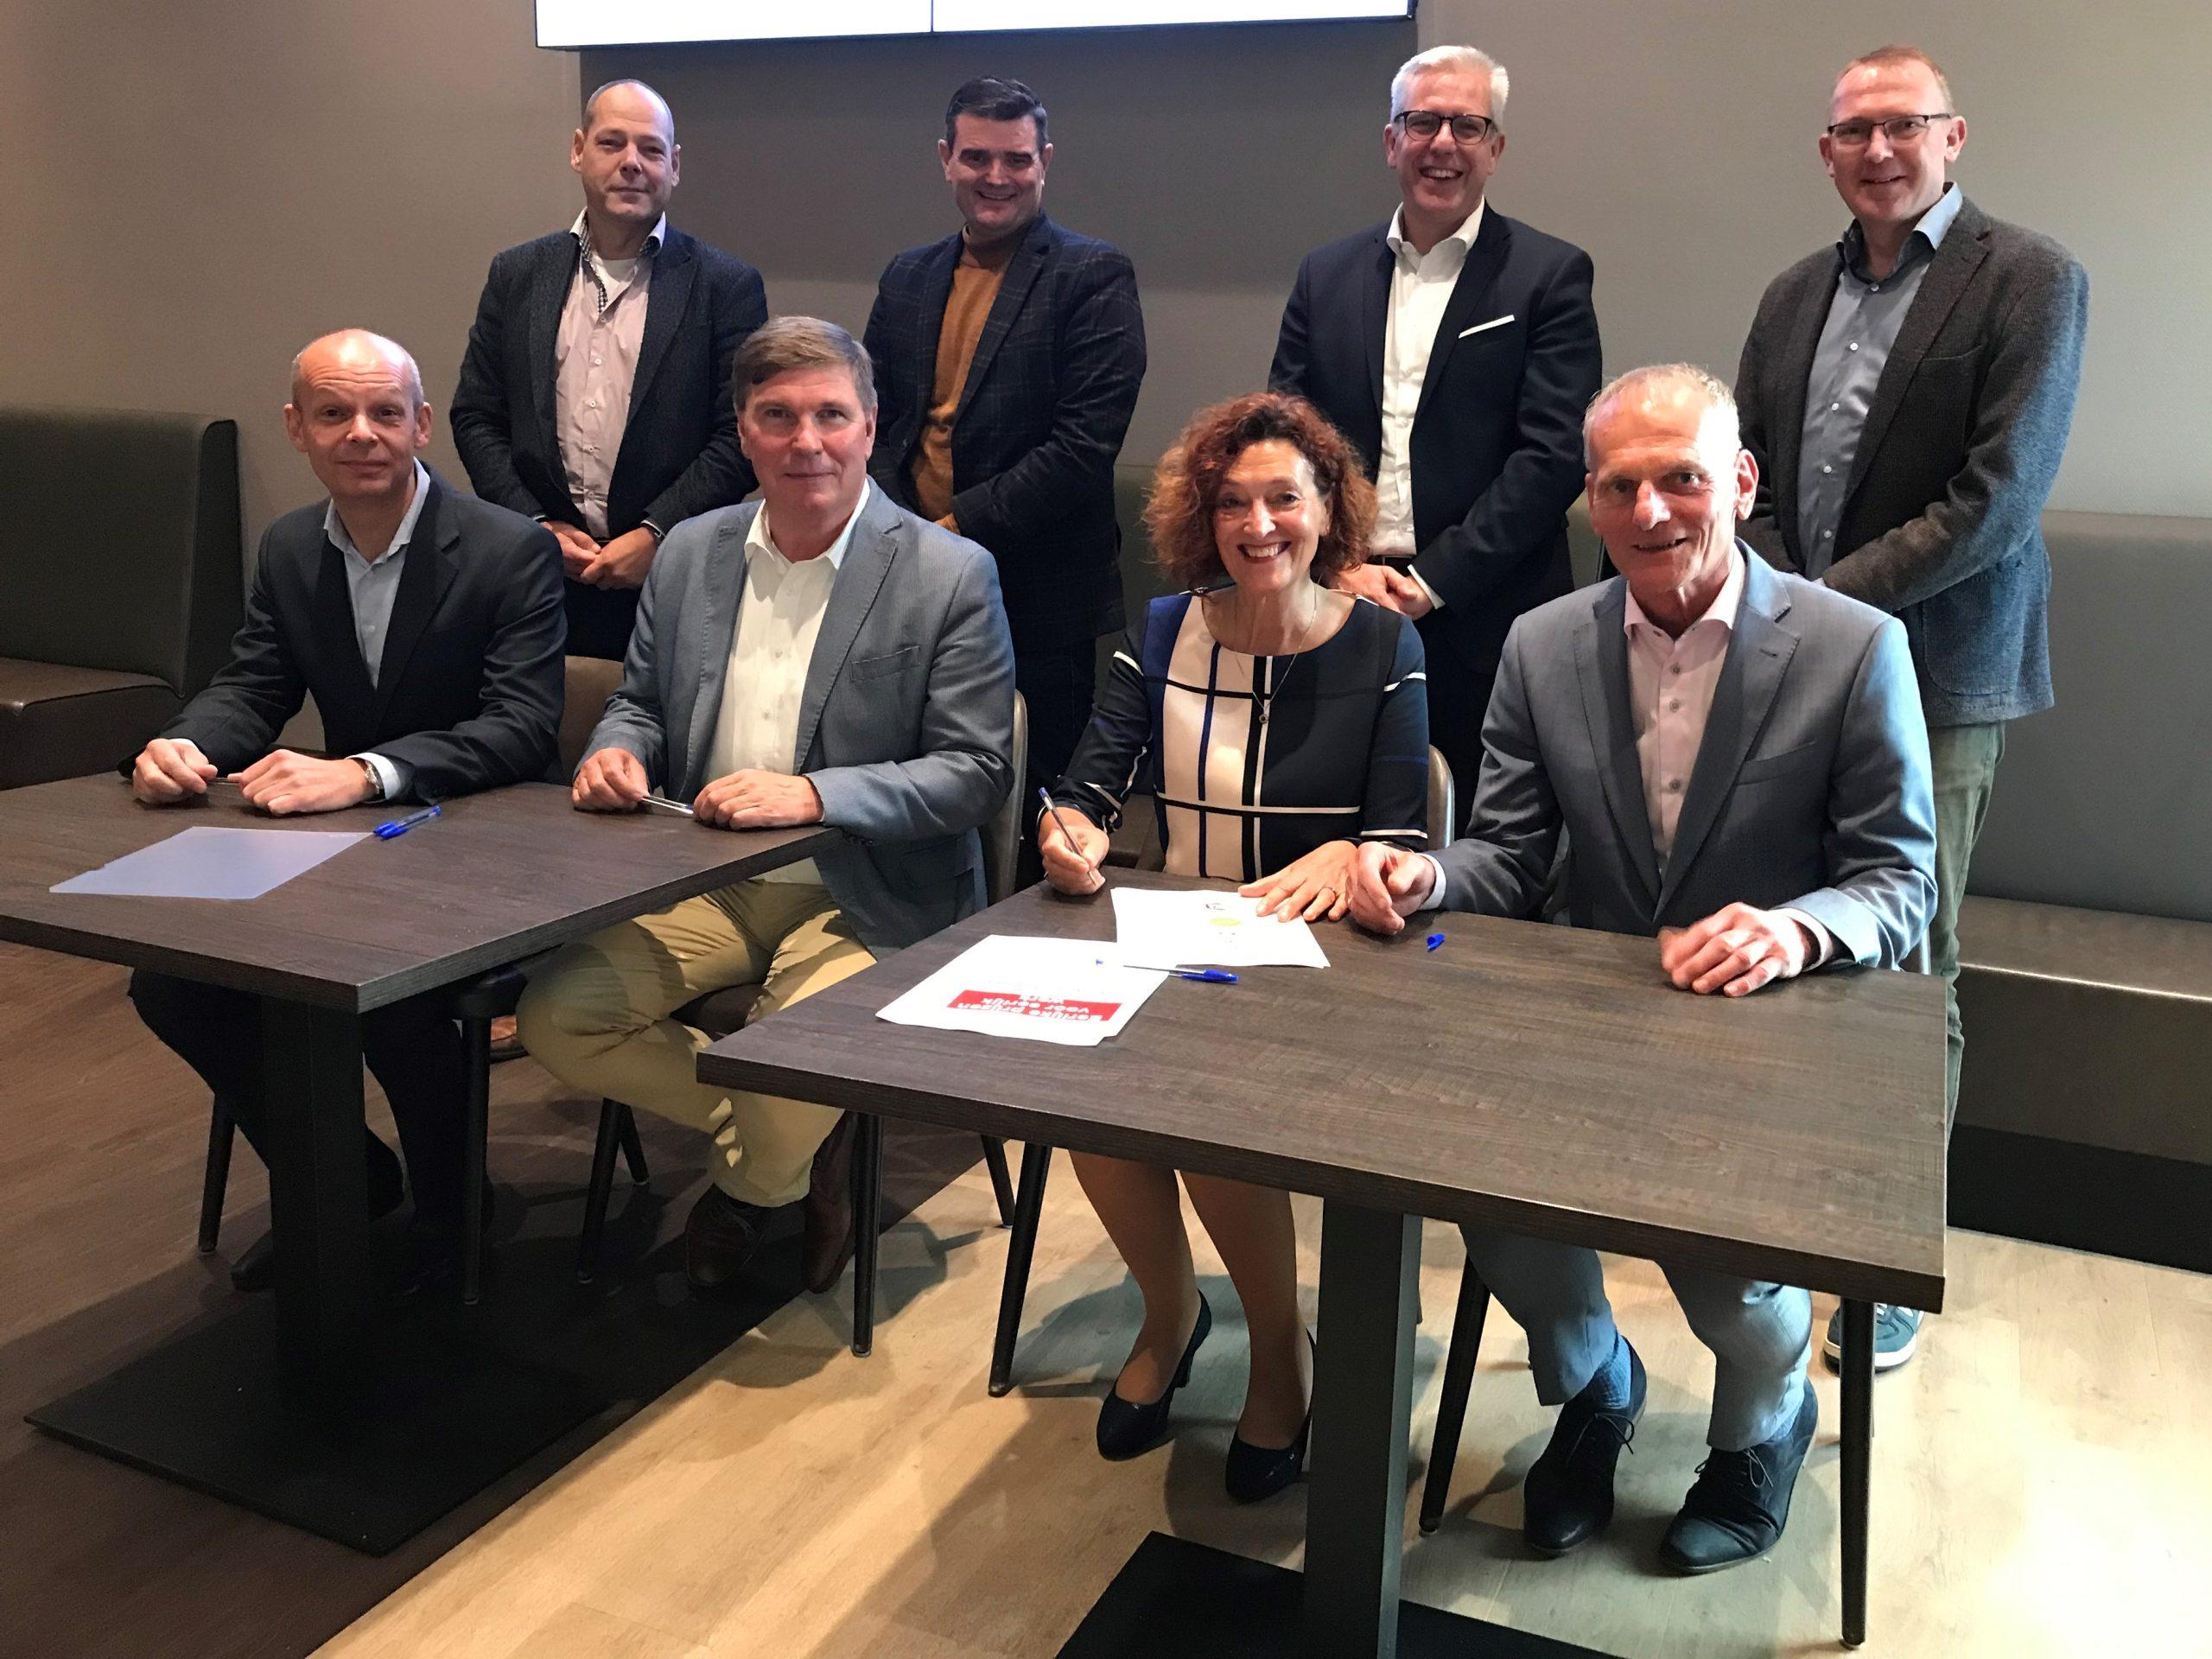 IJmond Werkt! tekent met Noord-Hollandse SW-bedrijven intentieverklaring 'Eerlijke prijzen voor eerlijk werk'